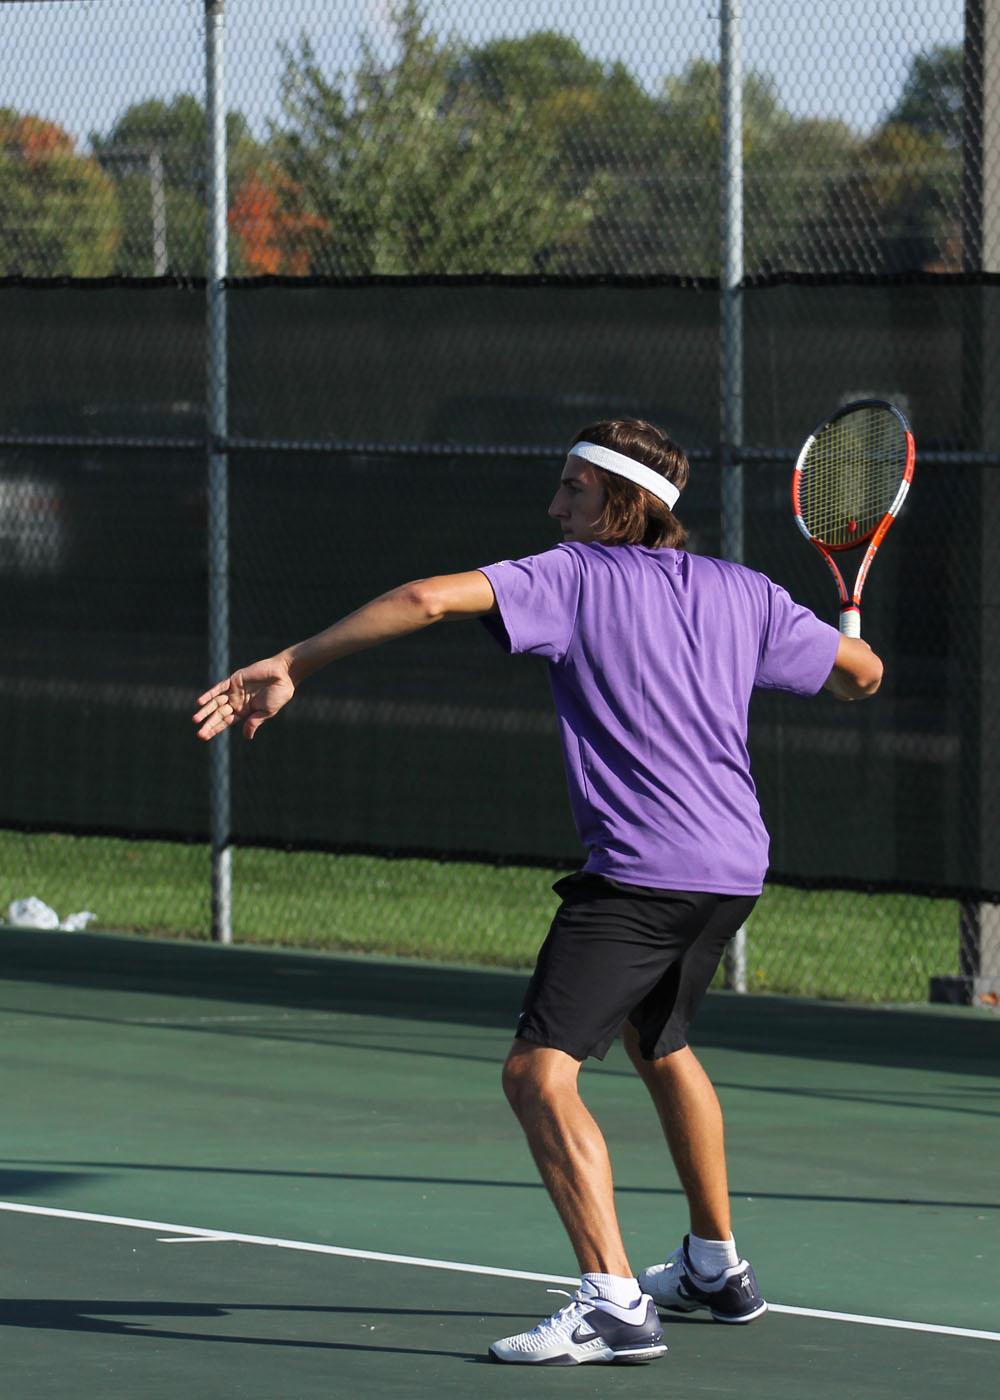 Daniel Buschert plays tennis